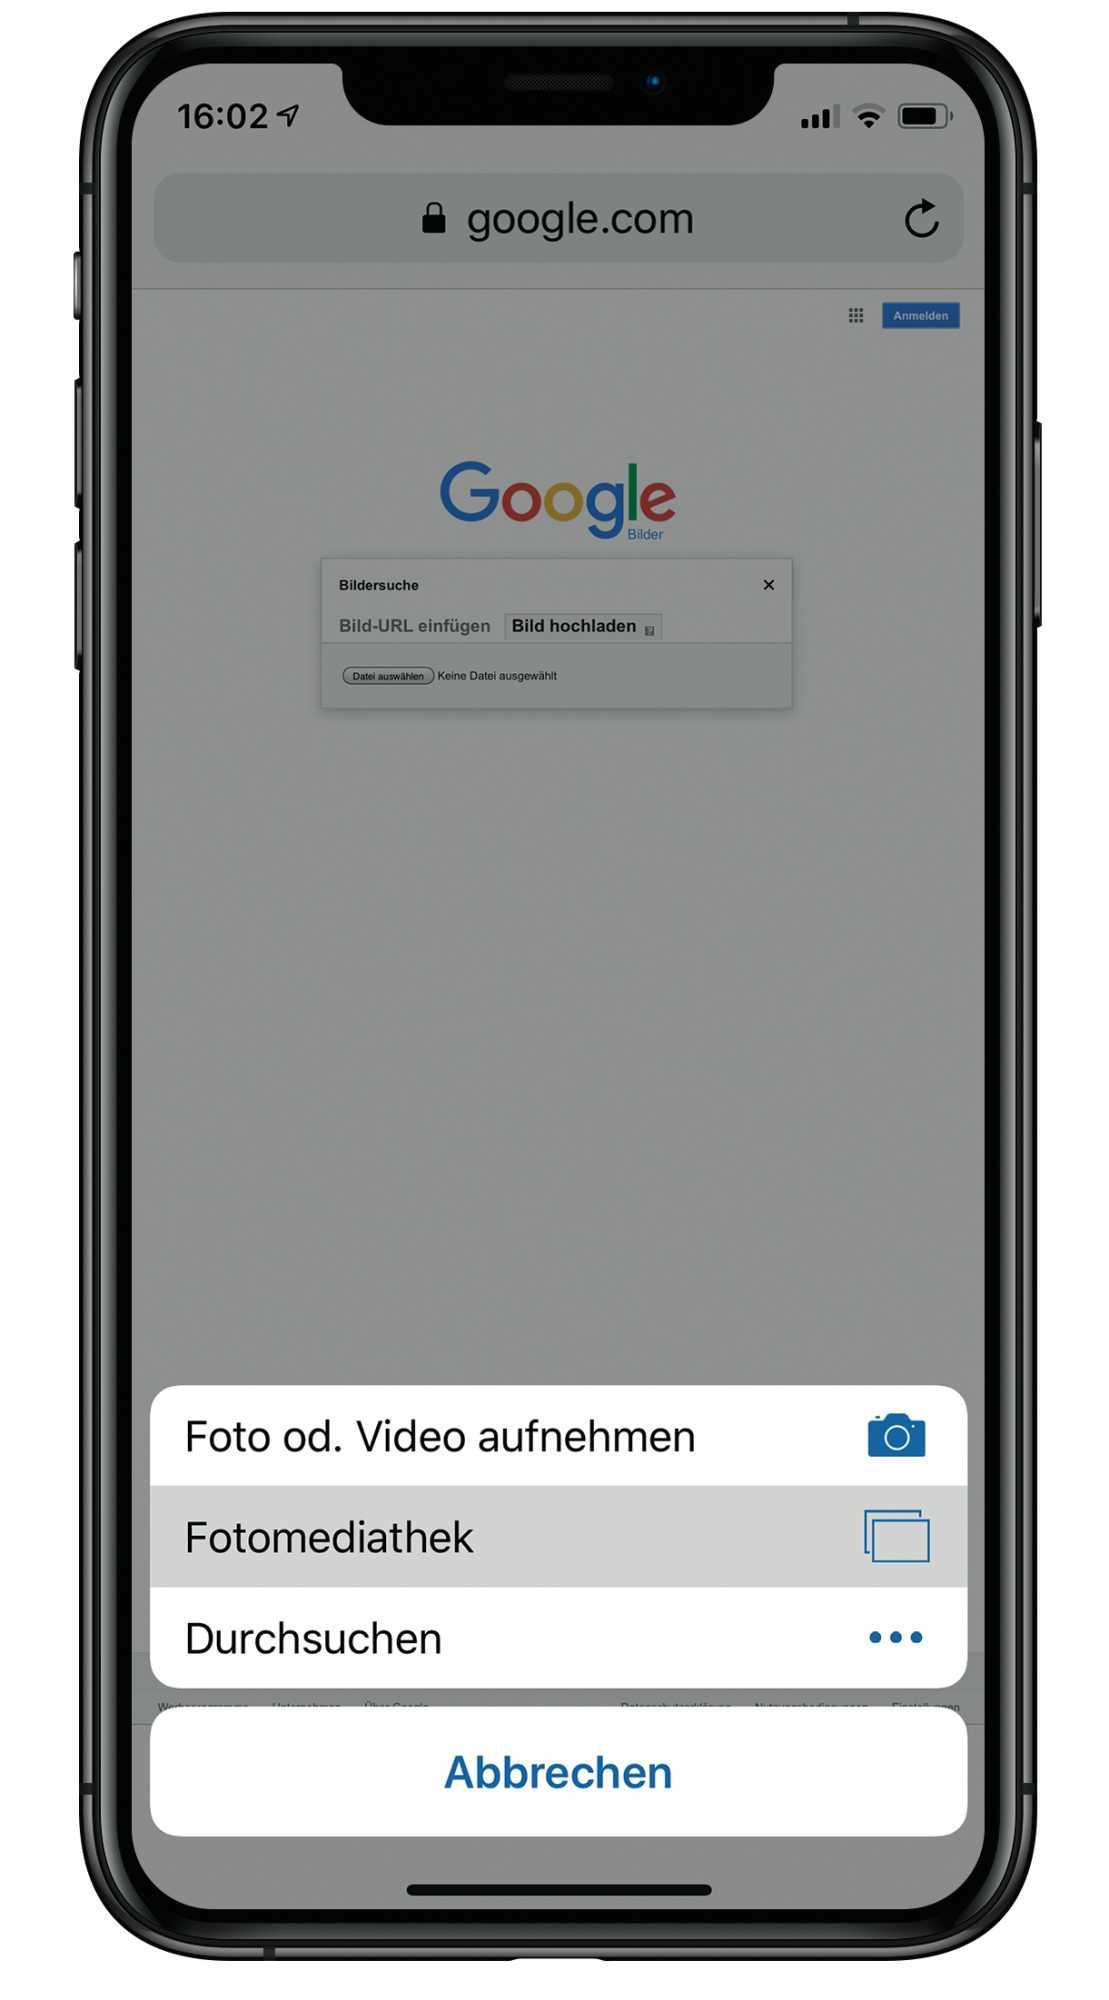 Google Bild Suchen